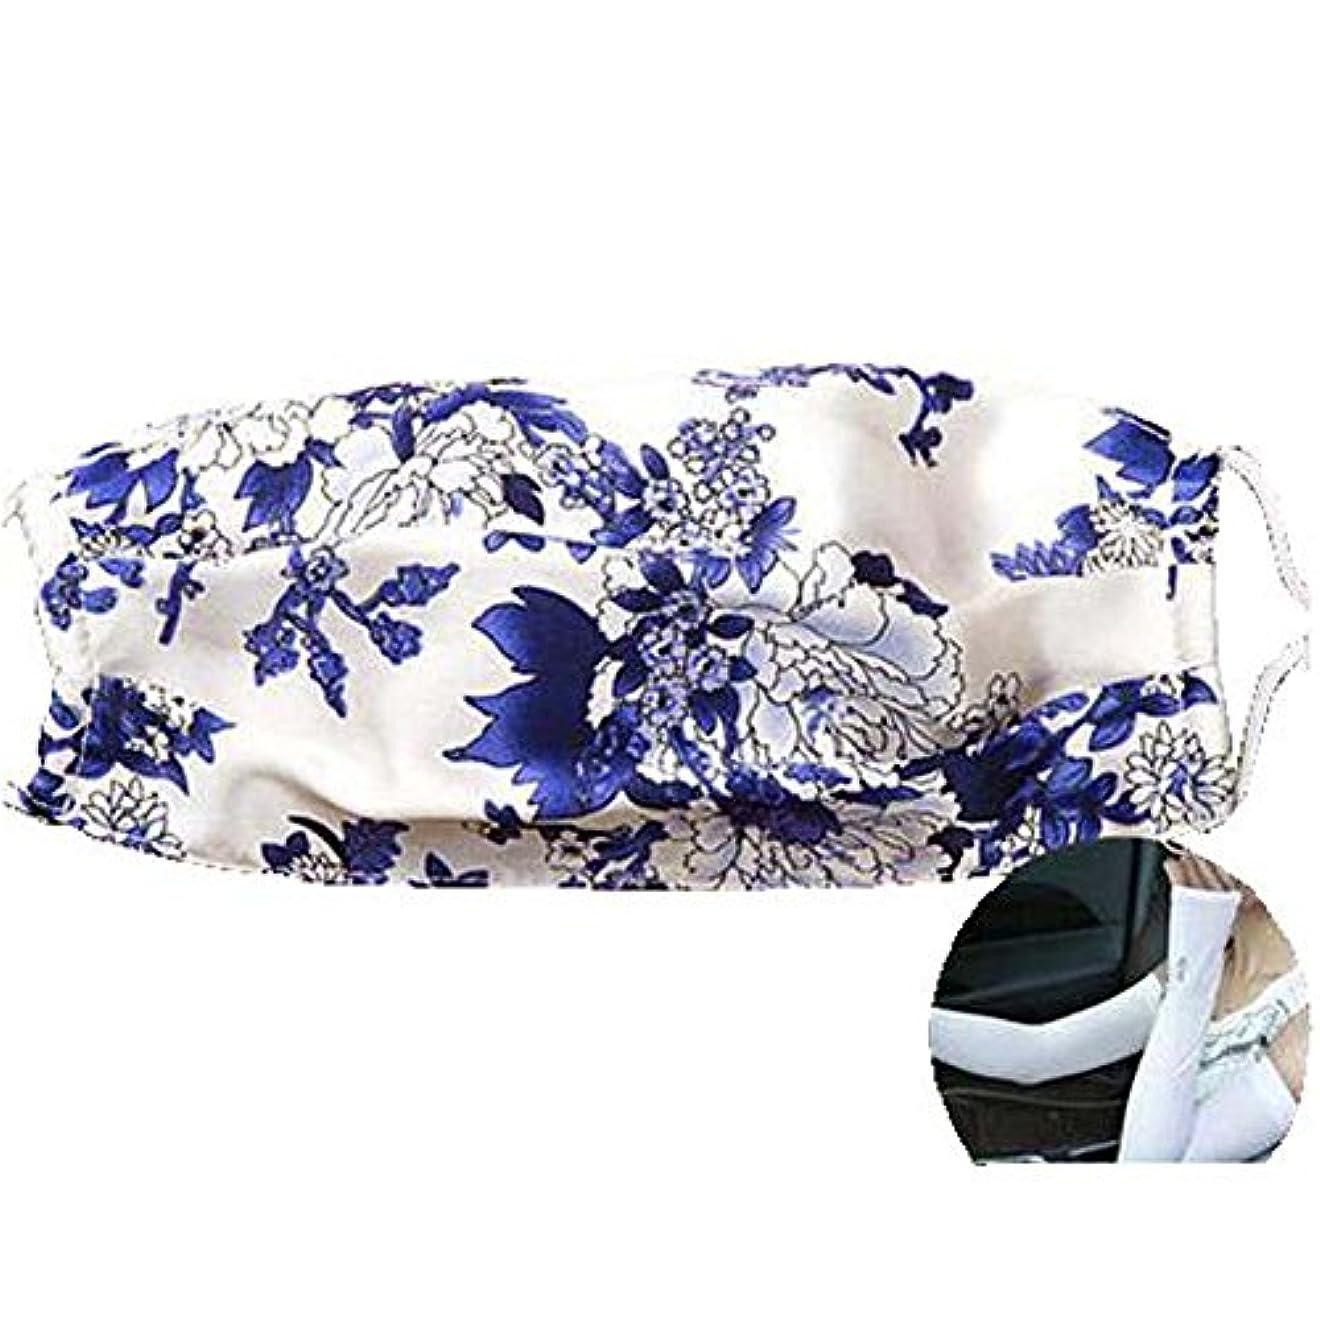 データ経験調停する再使用可能な洗えるシルクダストマスク、流行マスク、シルクアームスリーブ